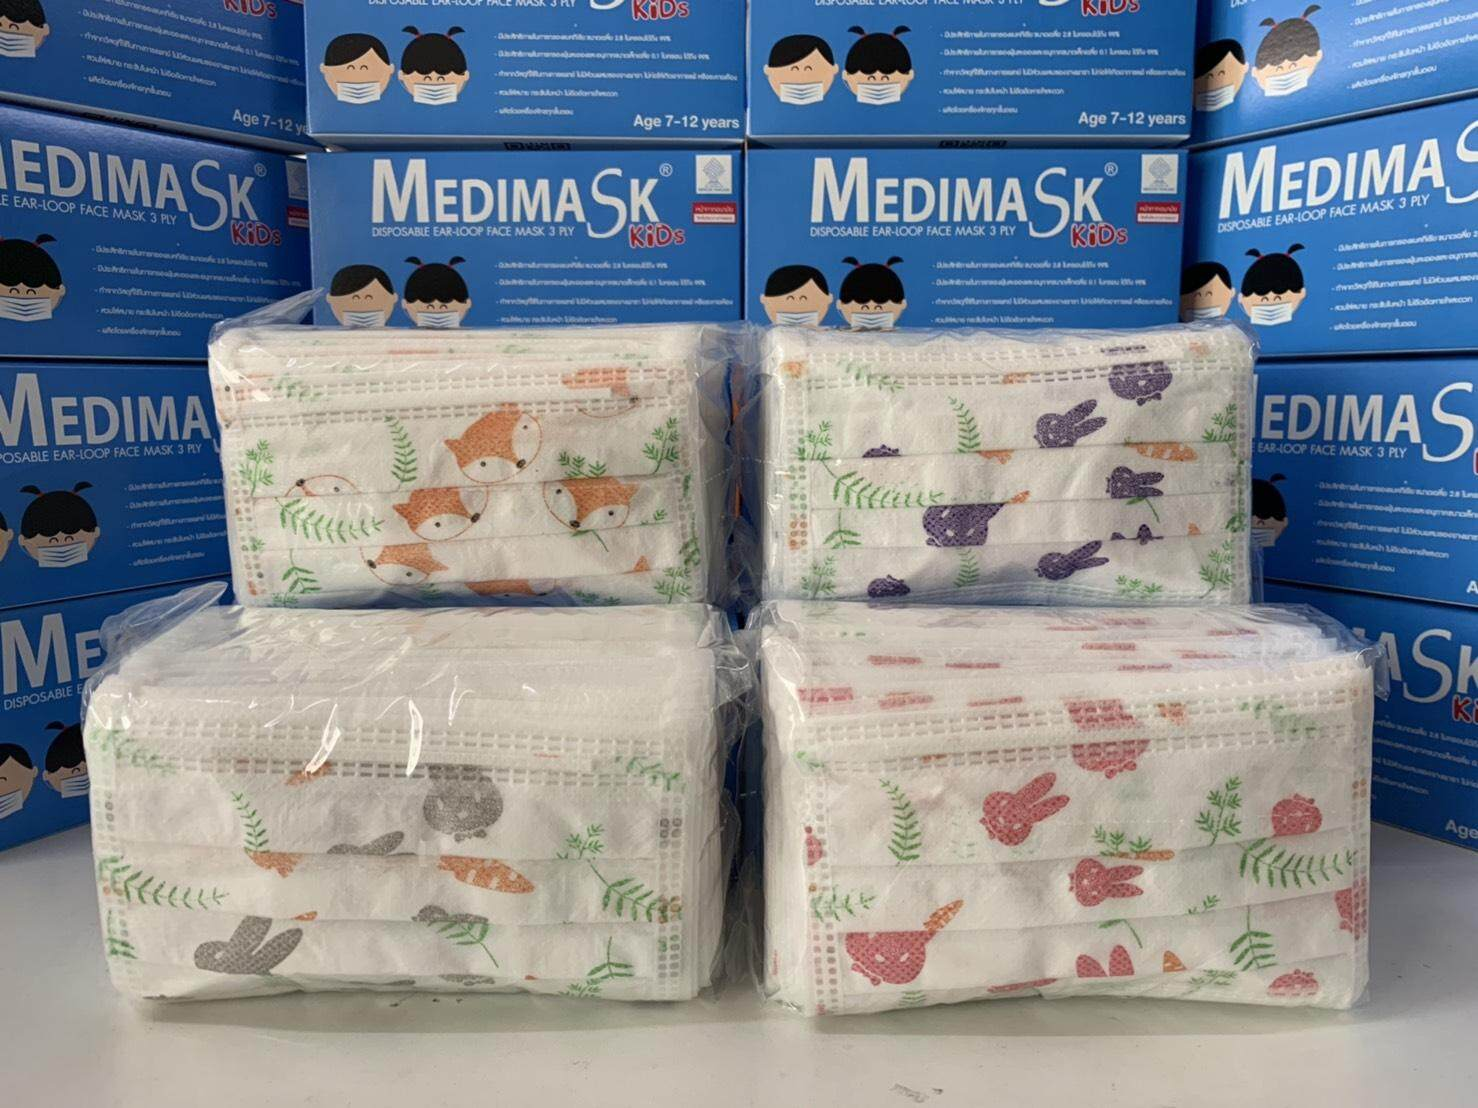 (1 กล่องบรรจุ 50 ชิ้น) หน้ากากอนามัยสำหรับเด็ก Medimask หนา 3 ชั้น กรองฝุ่นละอองขนาดเล็กเฉลี่ย 0.1 ไมครอนได้ถึง 99% By Boonraksaherb.